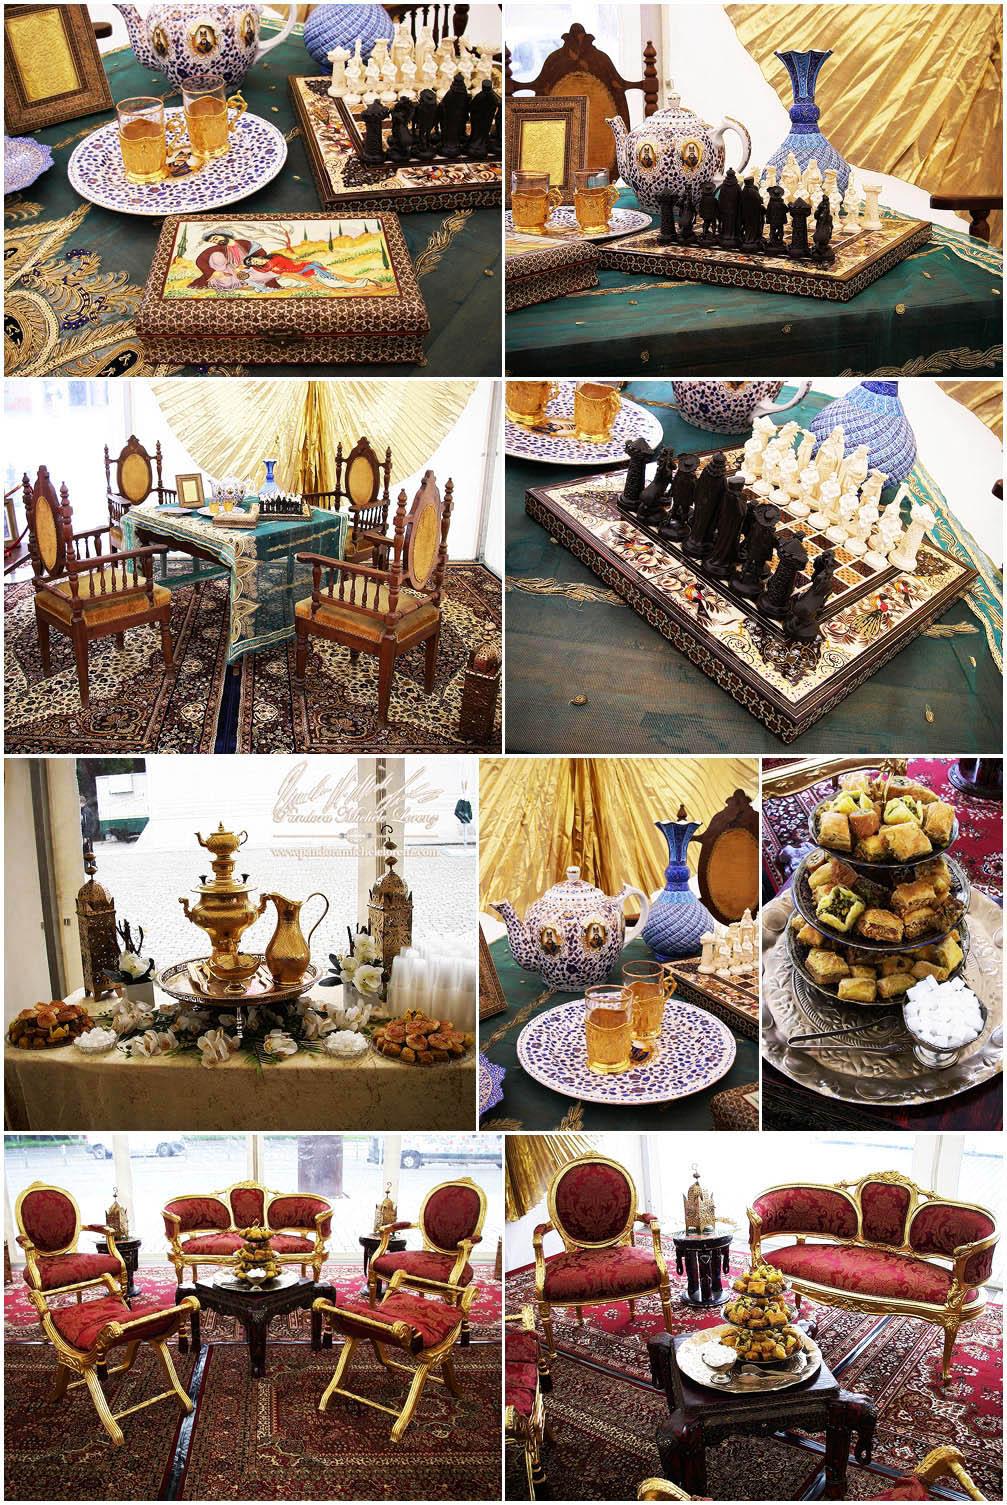 pandora michele lorenz news updates neuigkeiten. Black Bedroom Furniture Sets. Home Design Ideas